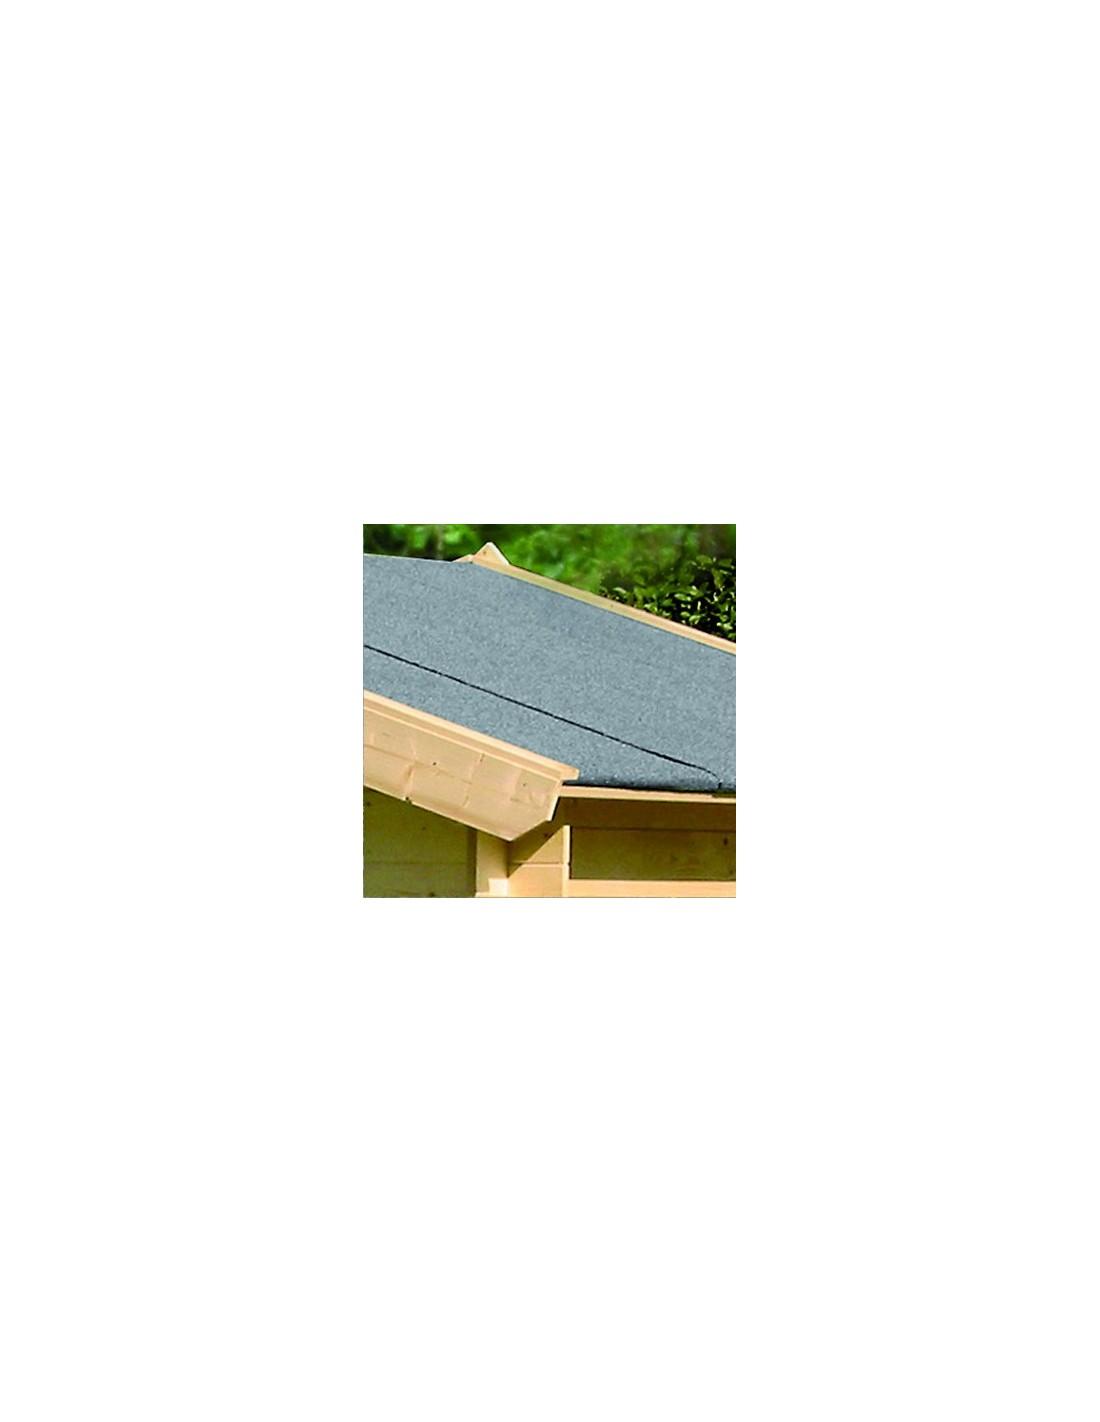 Couverture de toit bitum e noire dimensions au choix - Couverture toit abri de jardin ...